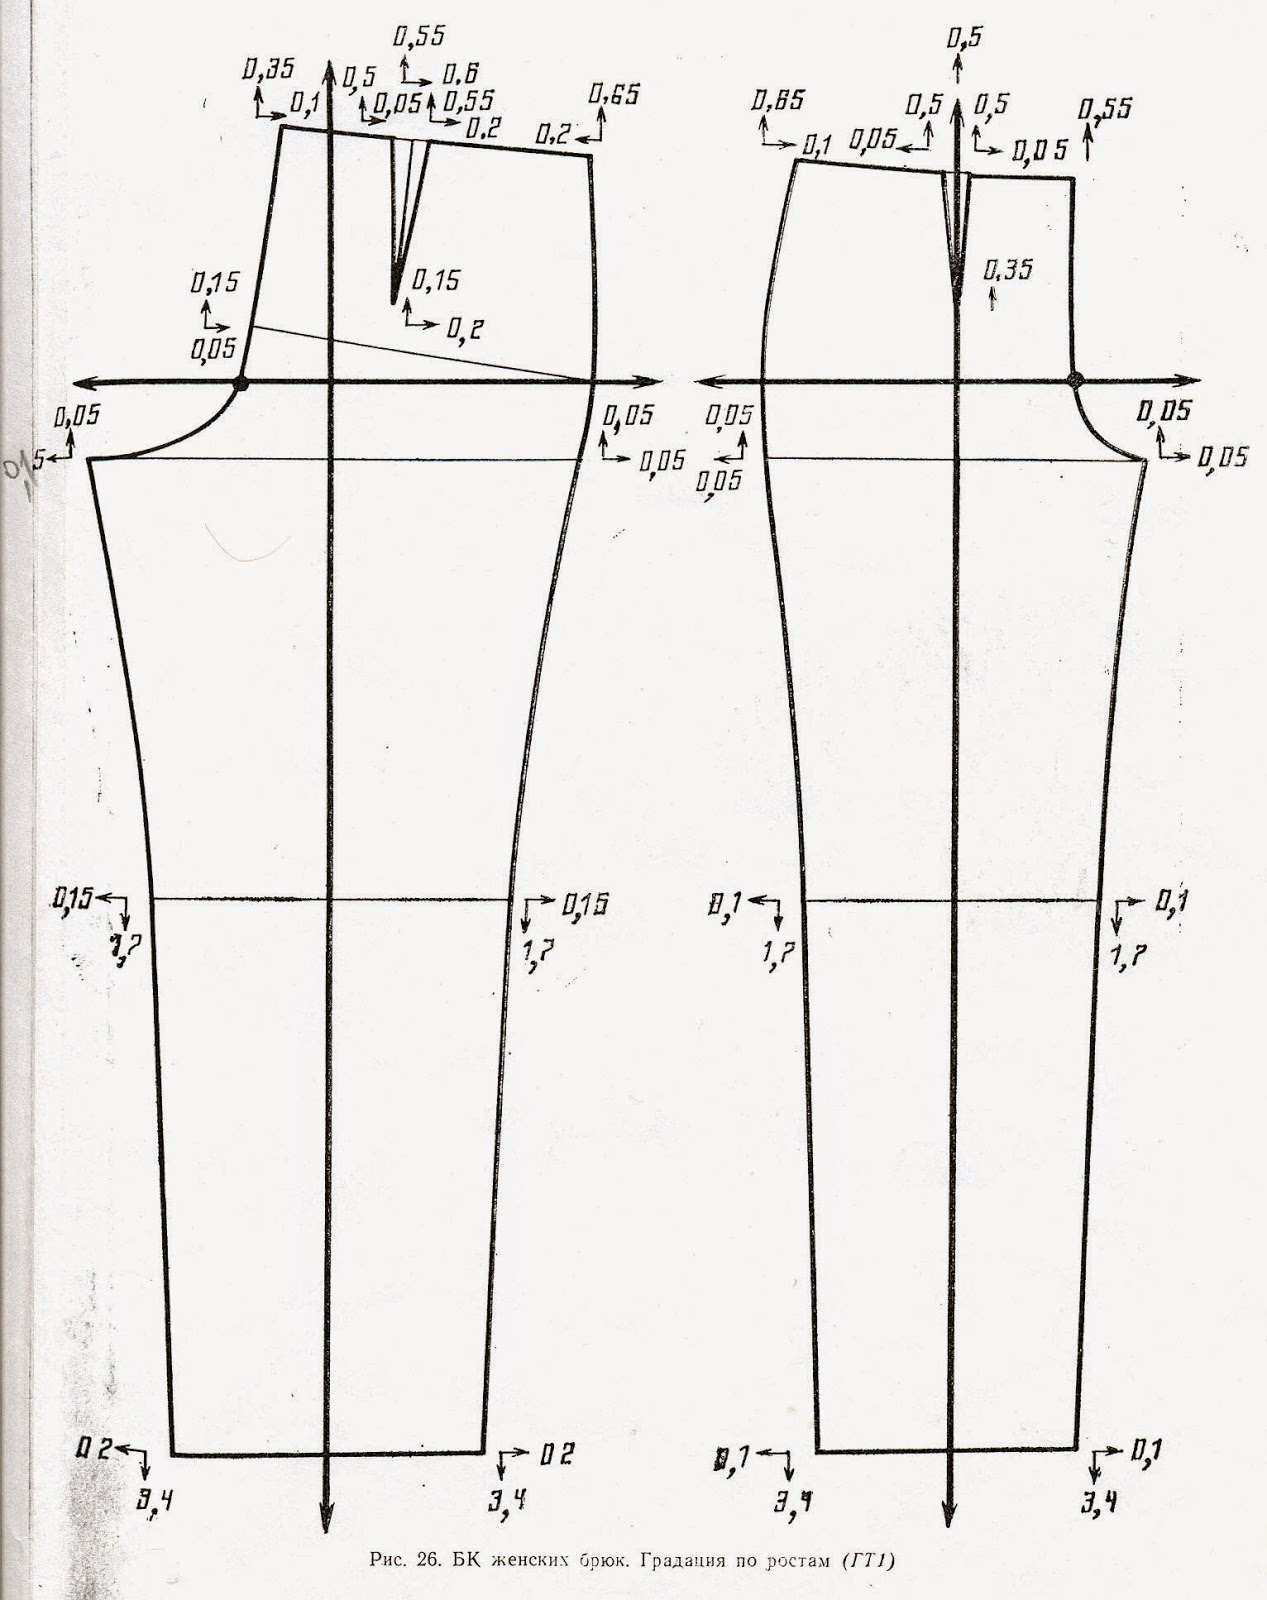 Как увеличить (уменьшить) выкройку 67